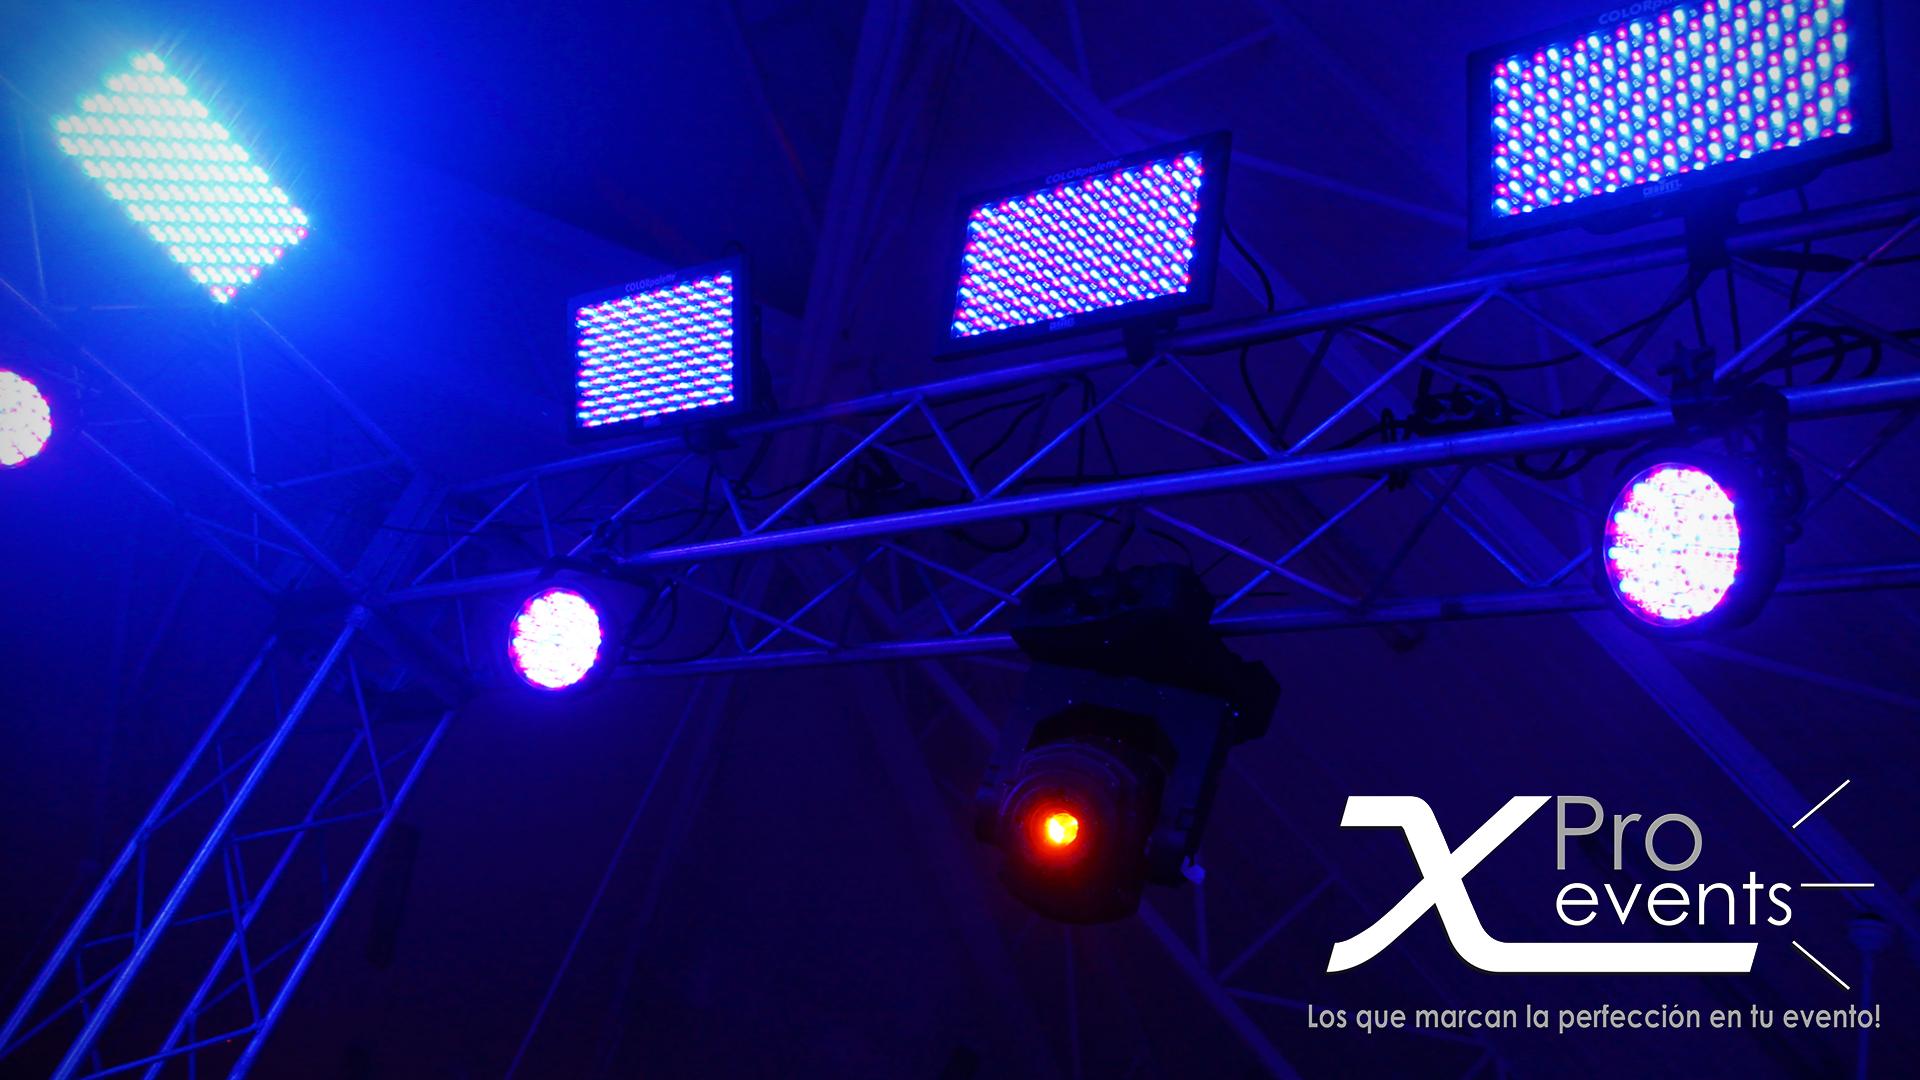 www.Xproevents.com - Paneles y focos LED con luces moviles instaladas en truss.p